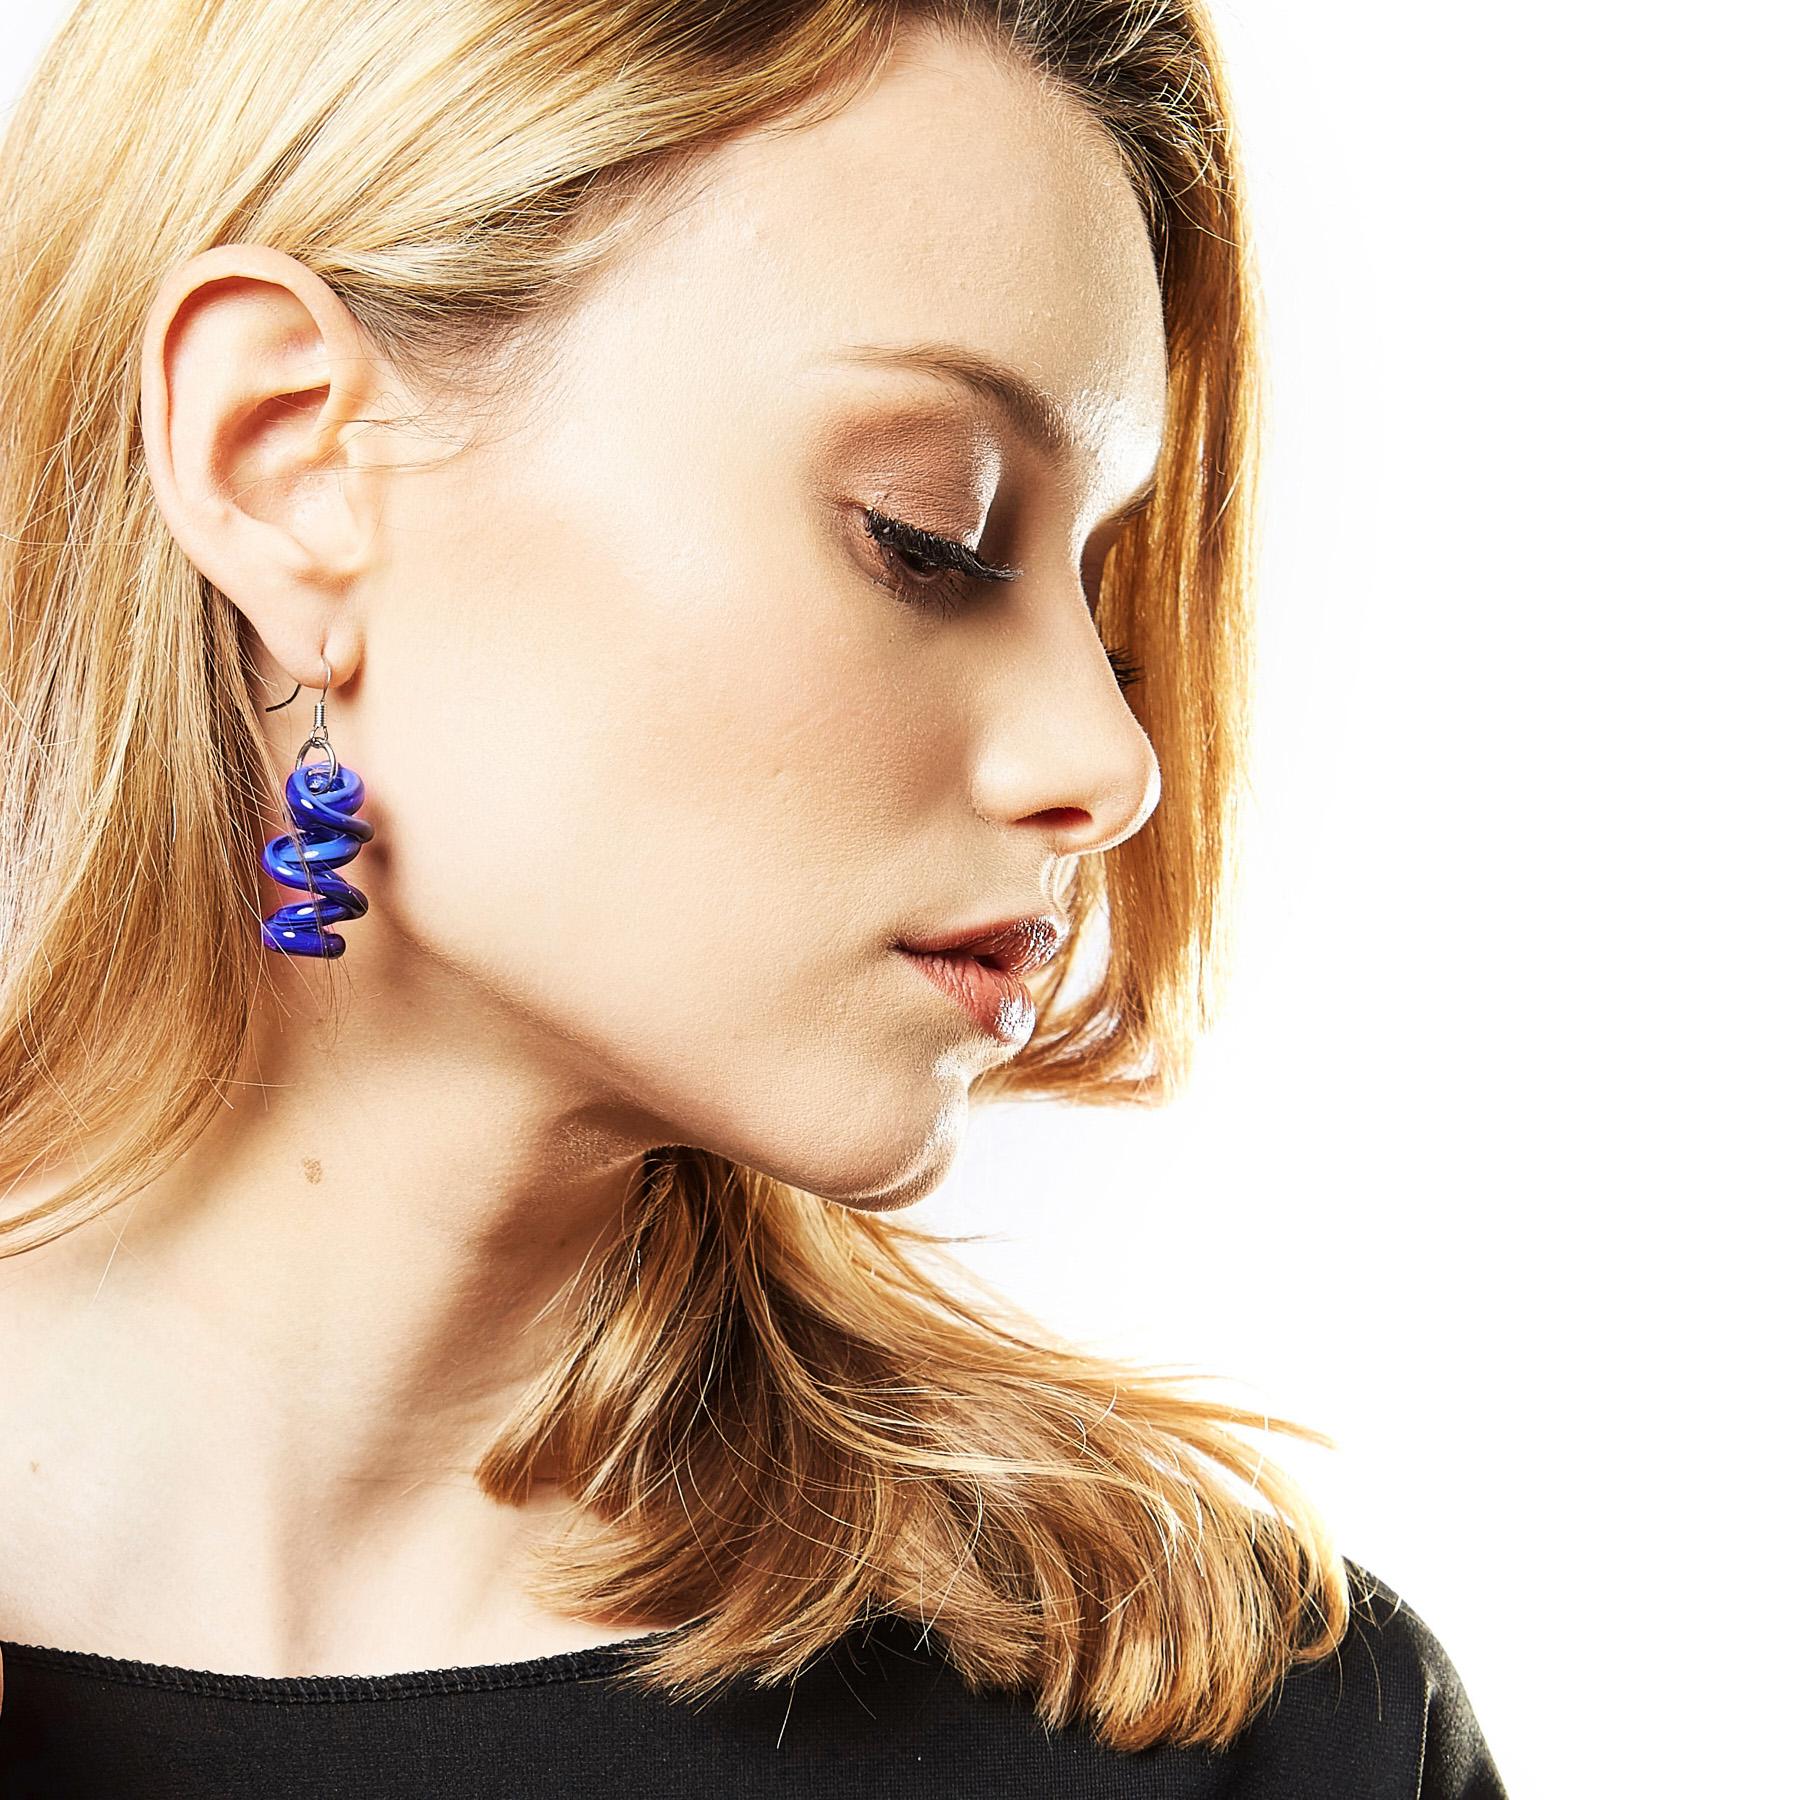 https://www.artesanbazar.com/it/gioielli-e-accessori-per-lei/1795-orecchini-pendente-murano-infinity.html